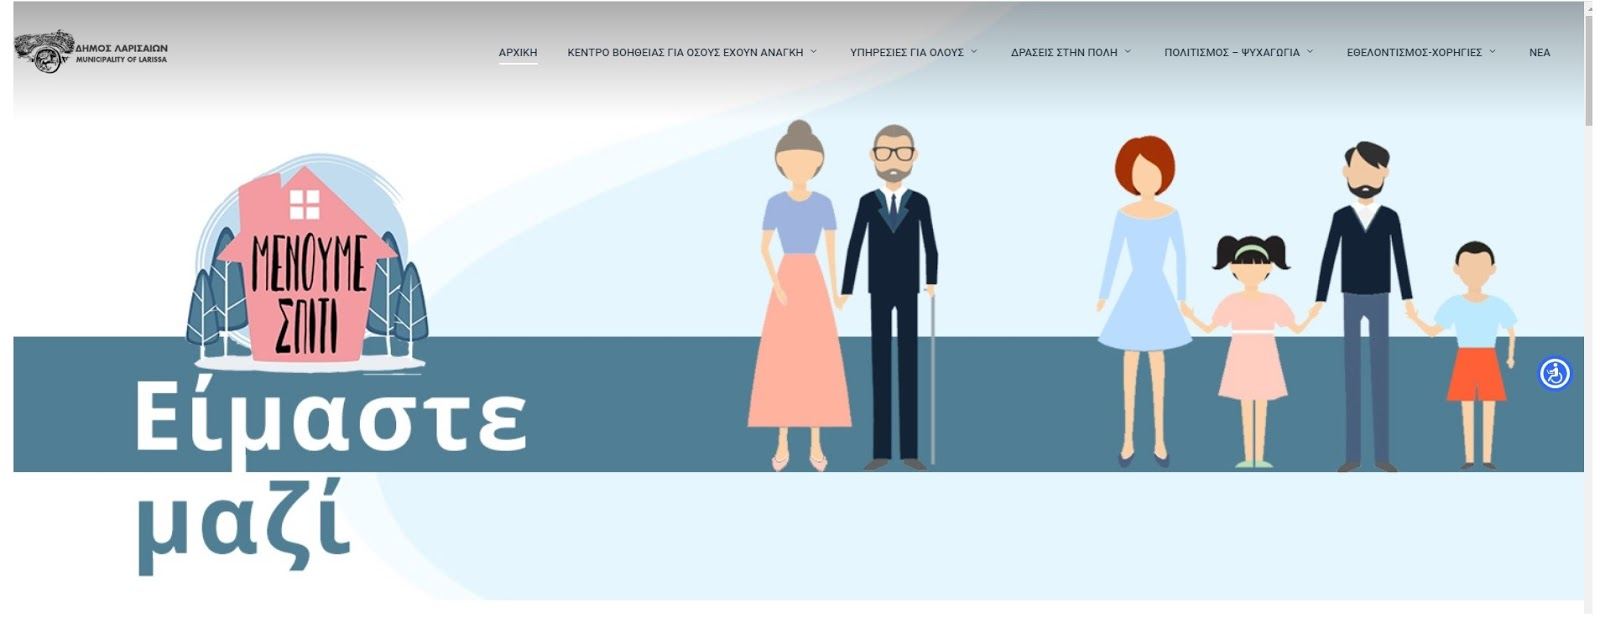 Σε λειτουργία η ιστοσελίδα του Δήμου για τον κορωνοϊό www.larissamazi.gr